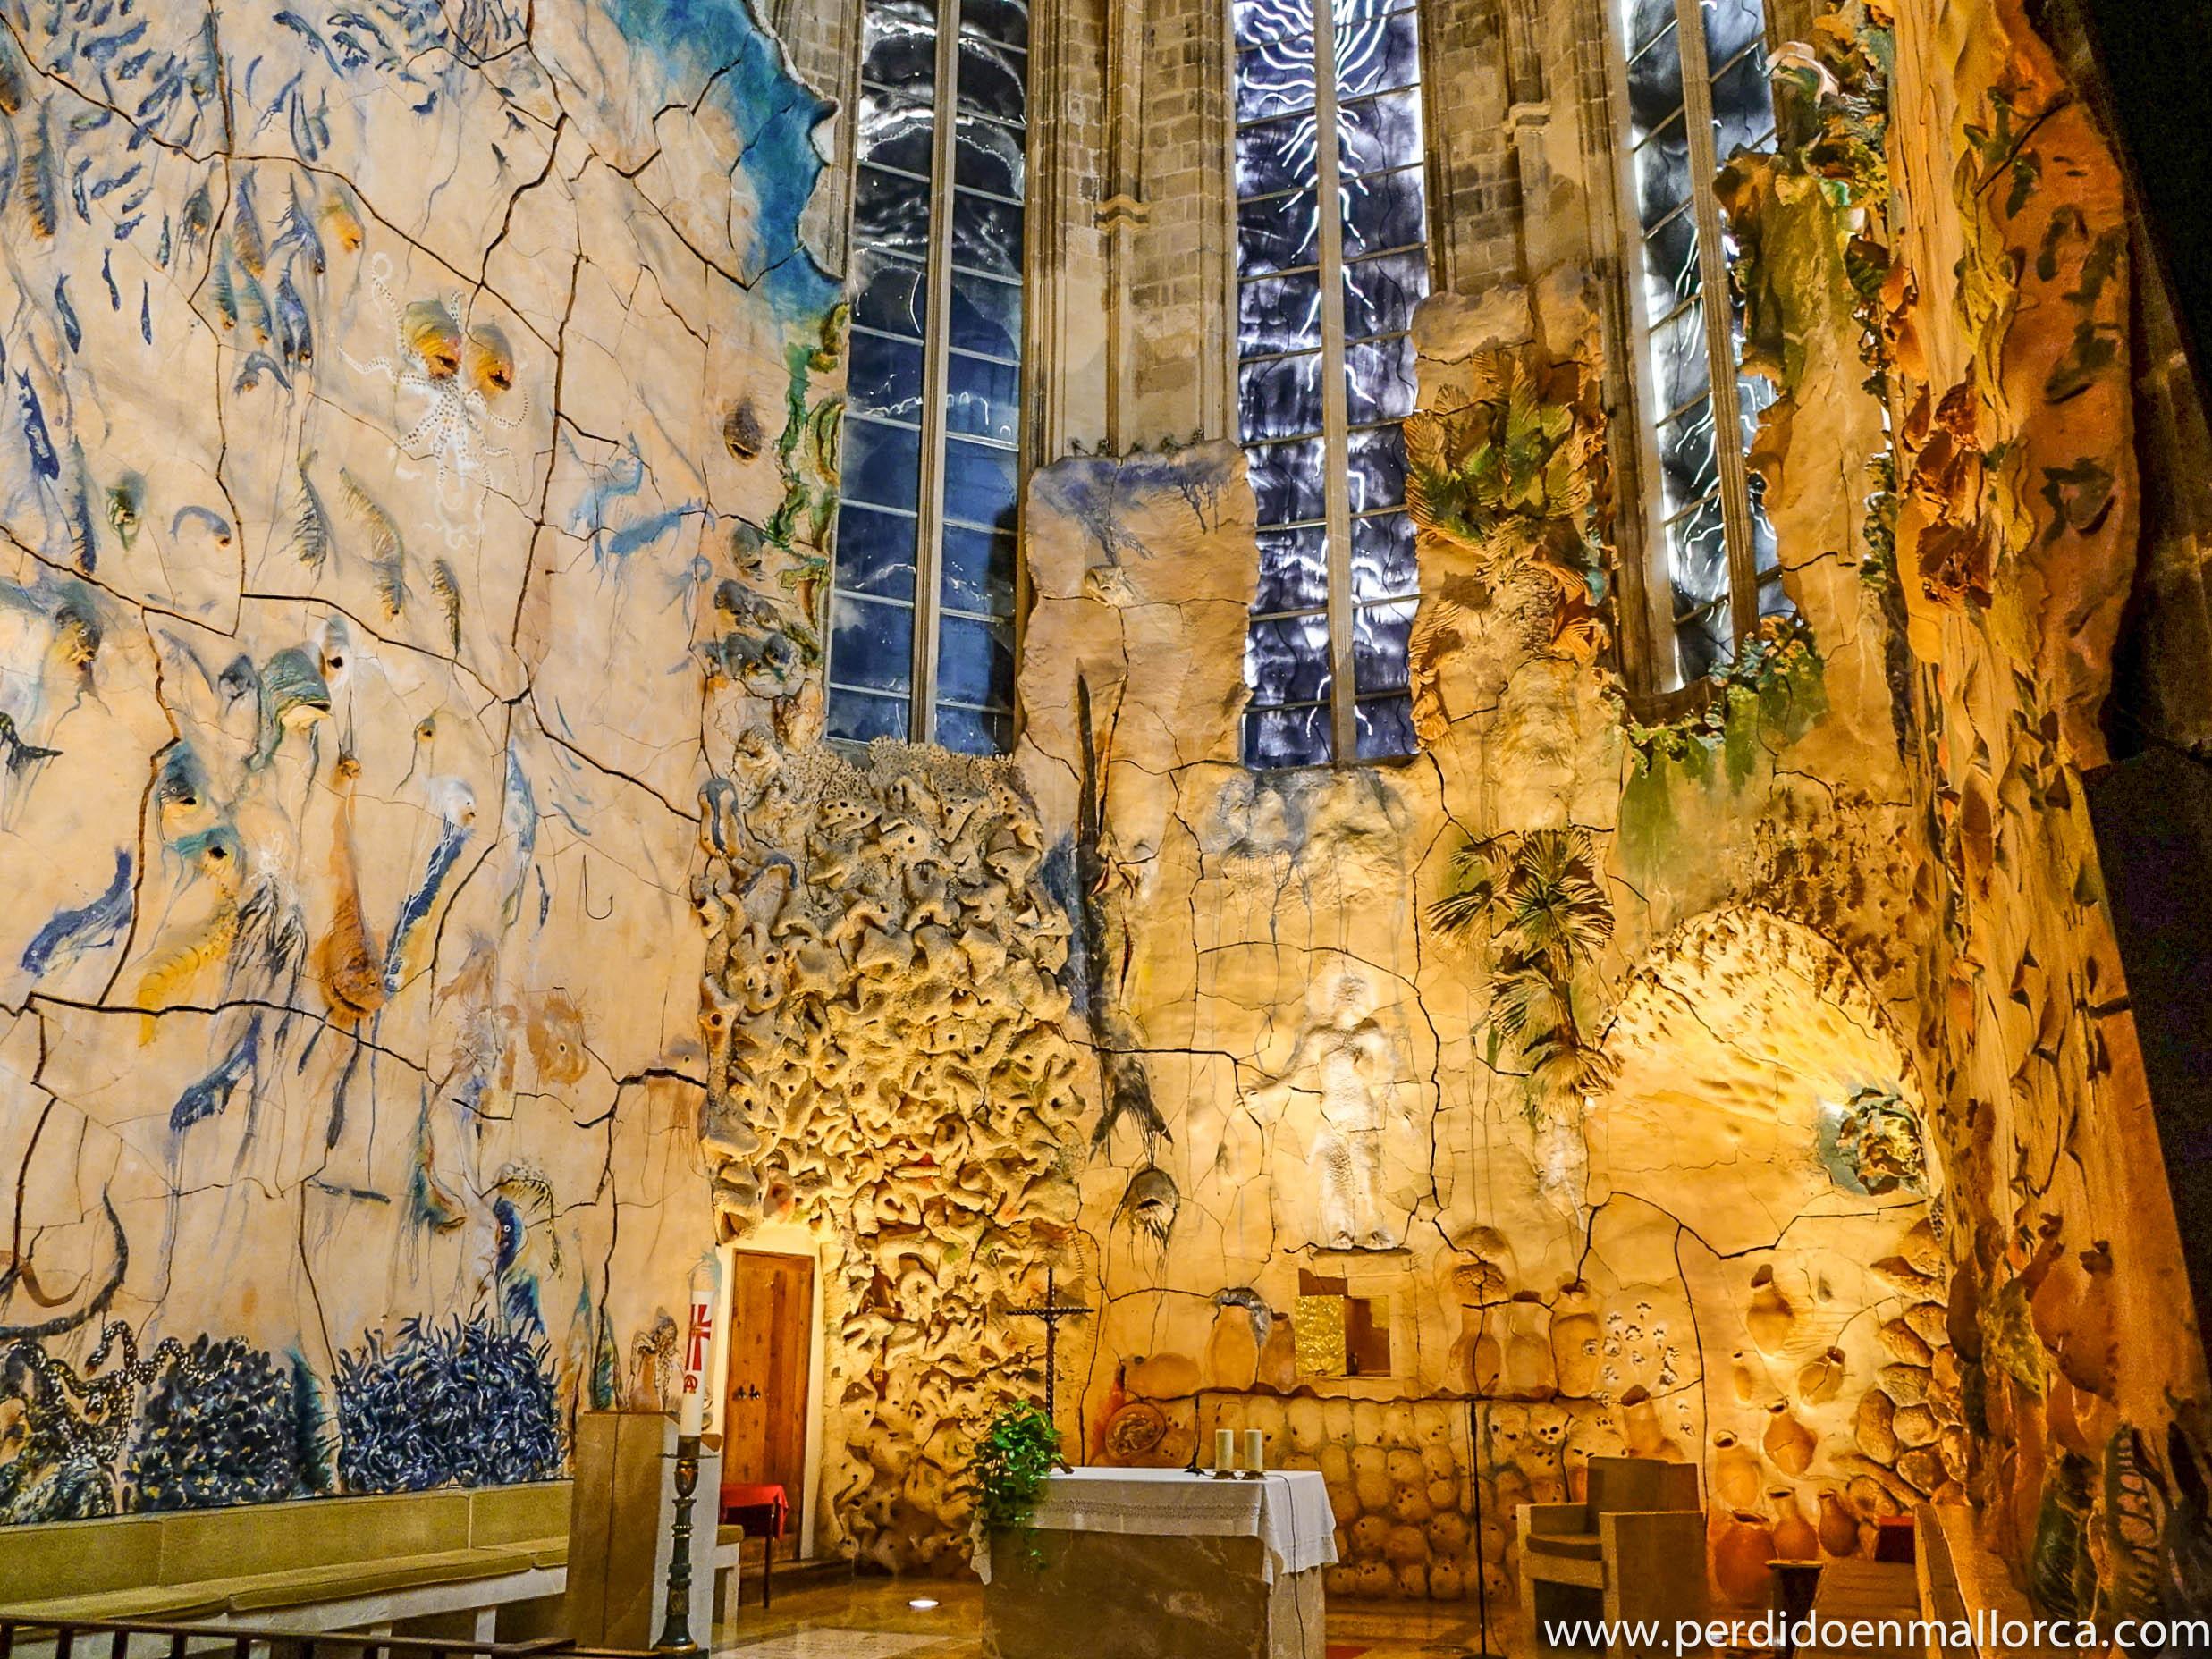 Capilla del Santissimo, Palma Cathedral, Miguel Barcelo artist